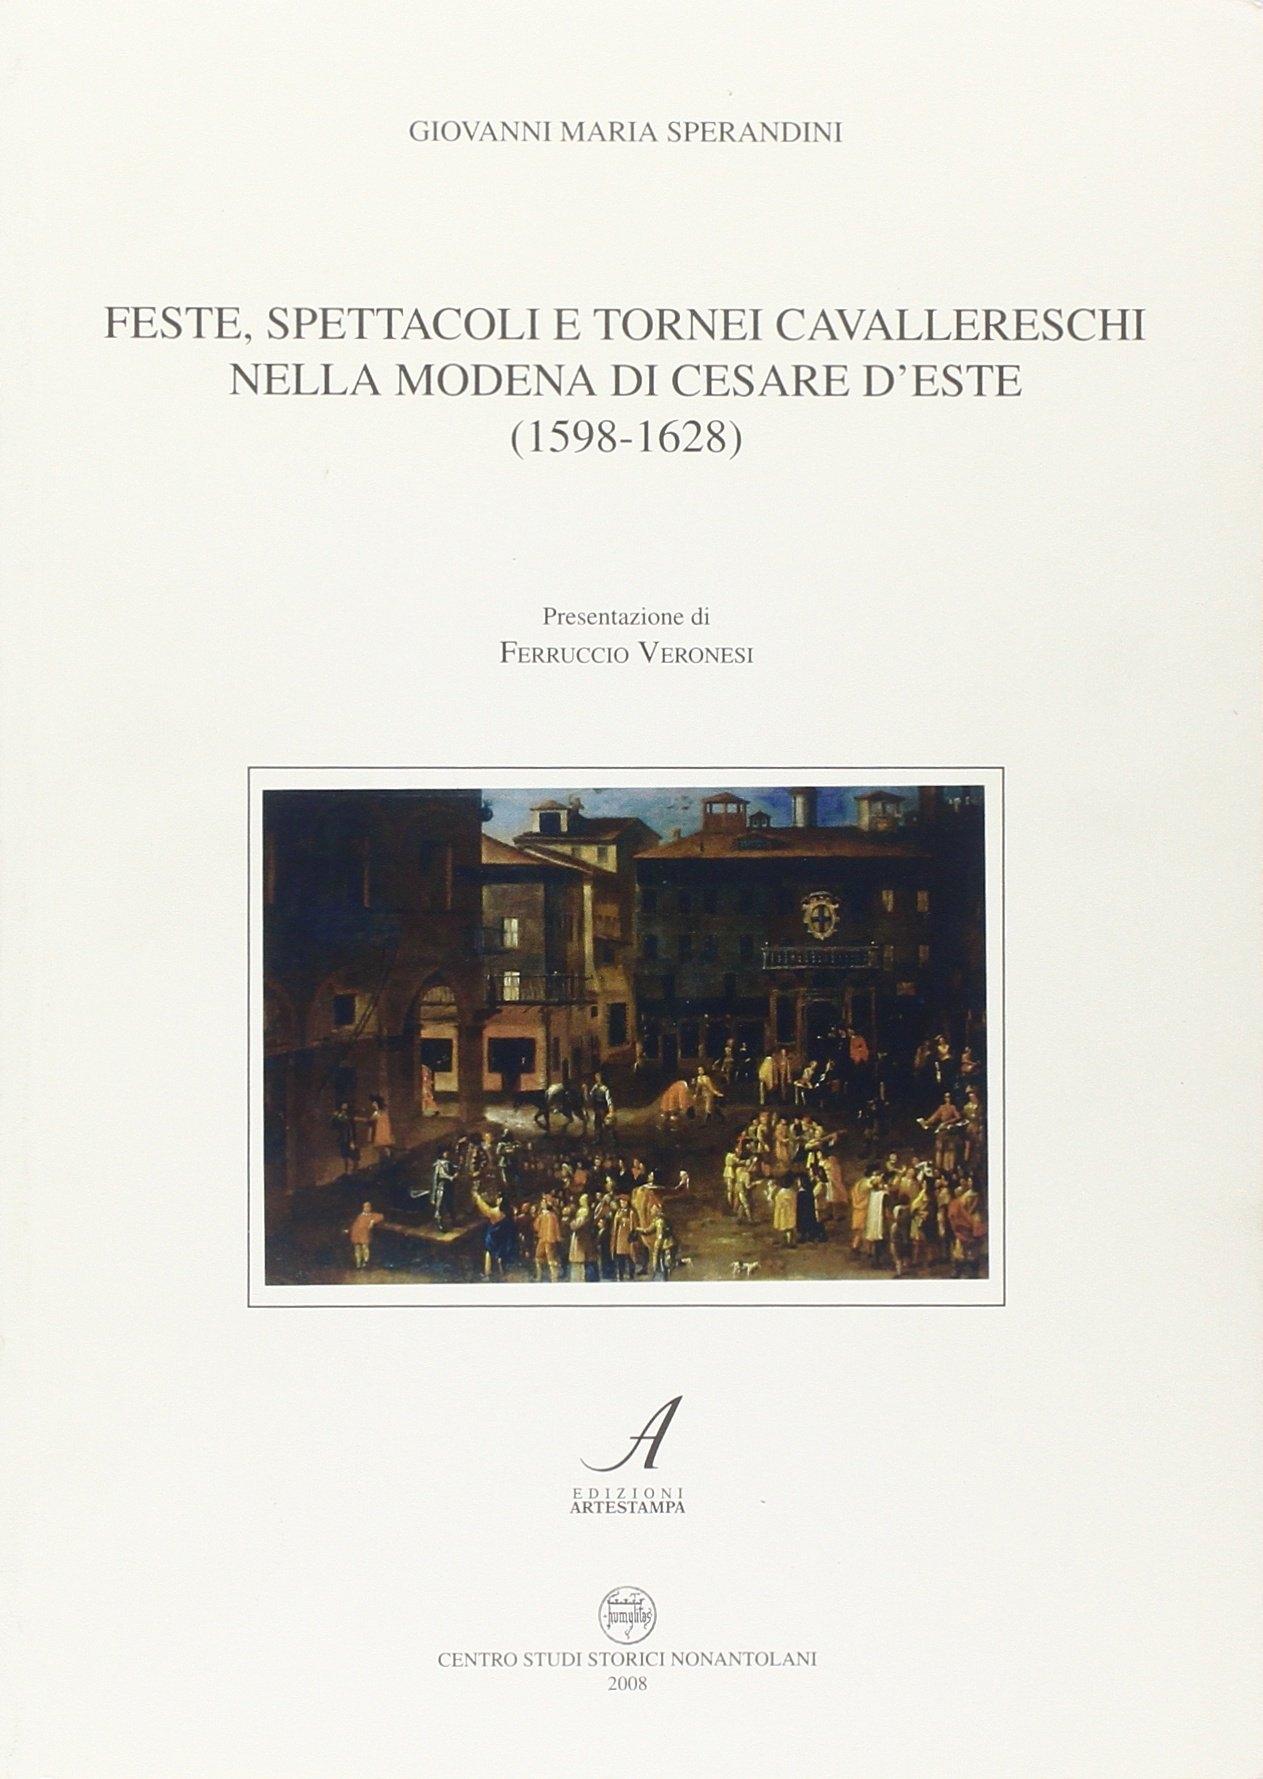 Feste, spettacoli e tornei cavallereschi nella Modena di Cesare D'Este (1598-1628).